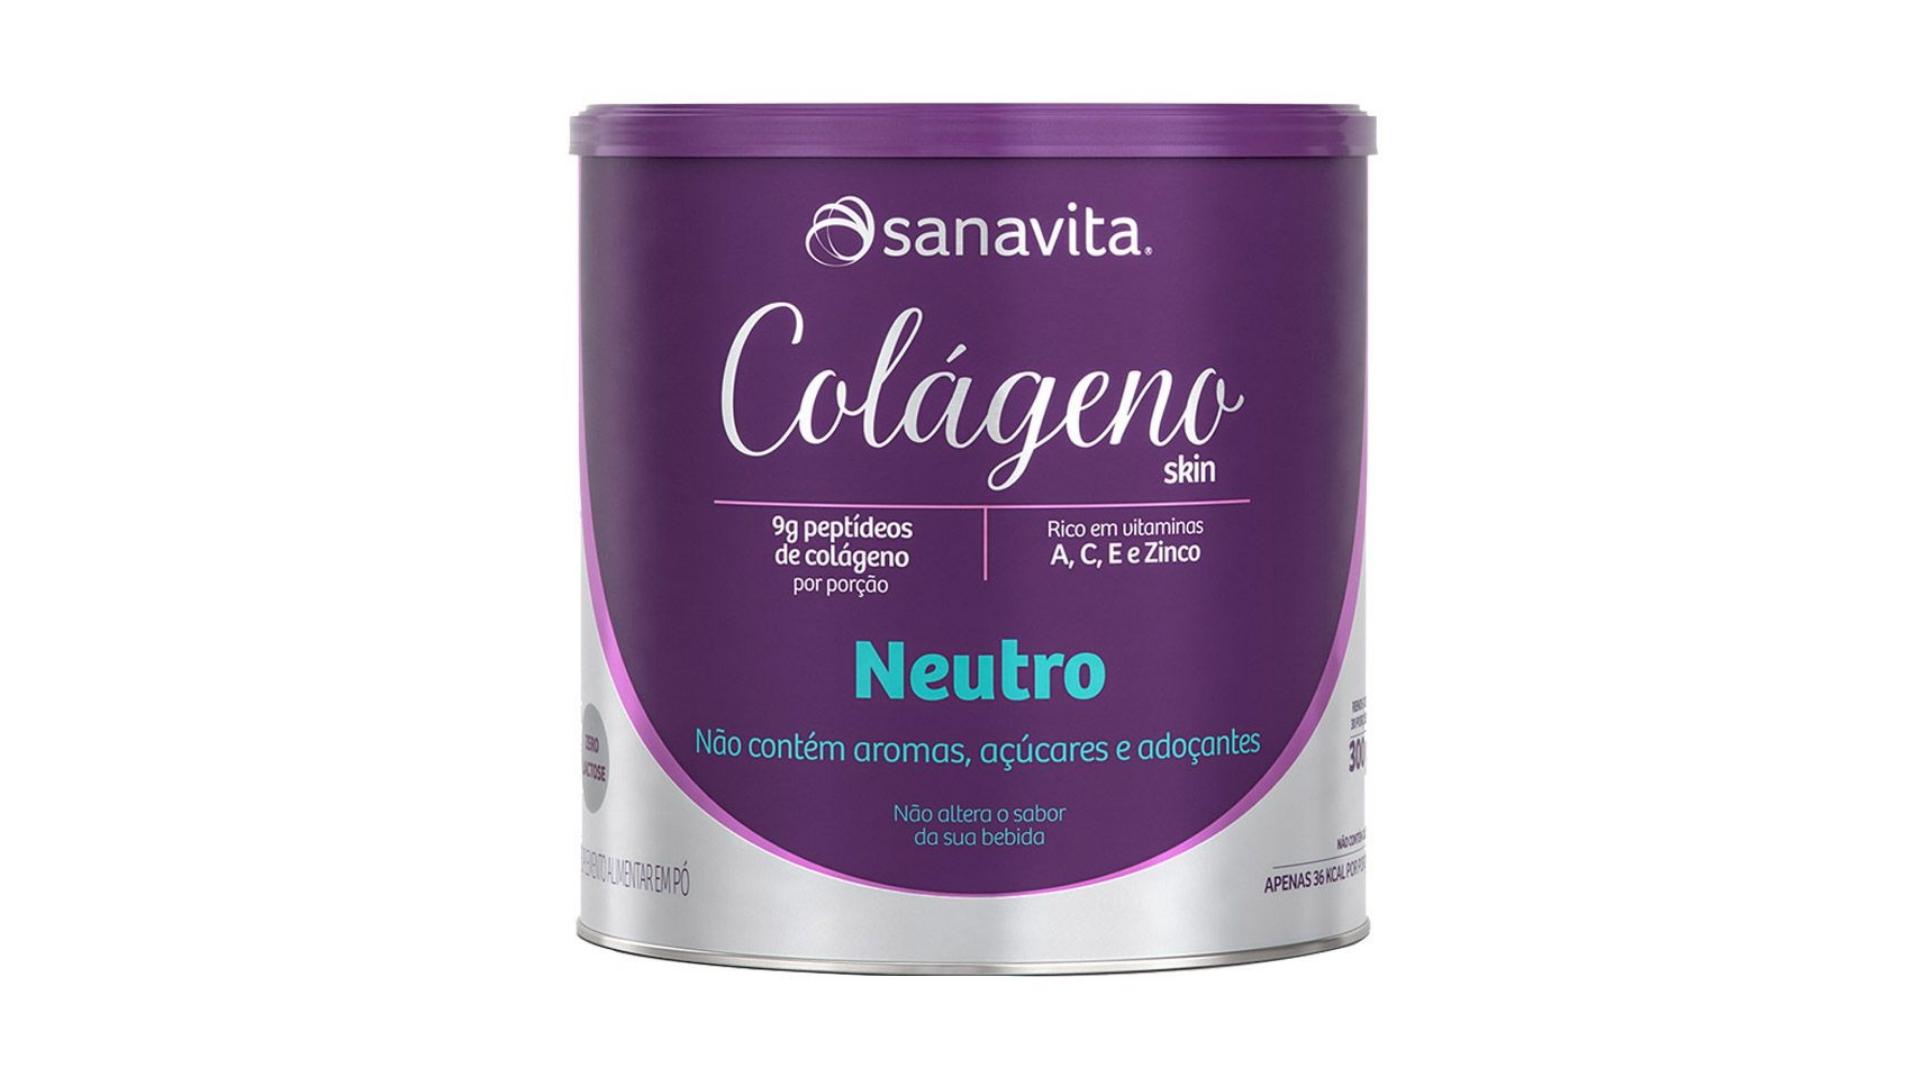 Colágeno hidrolisado Sanavita (Imagem: Divulgação/Sanavita)